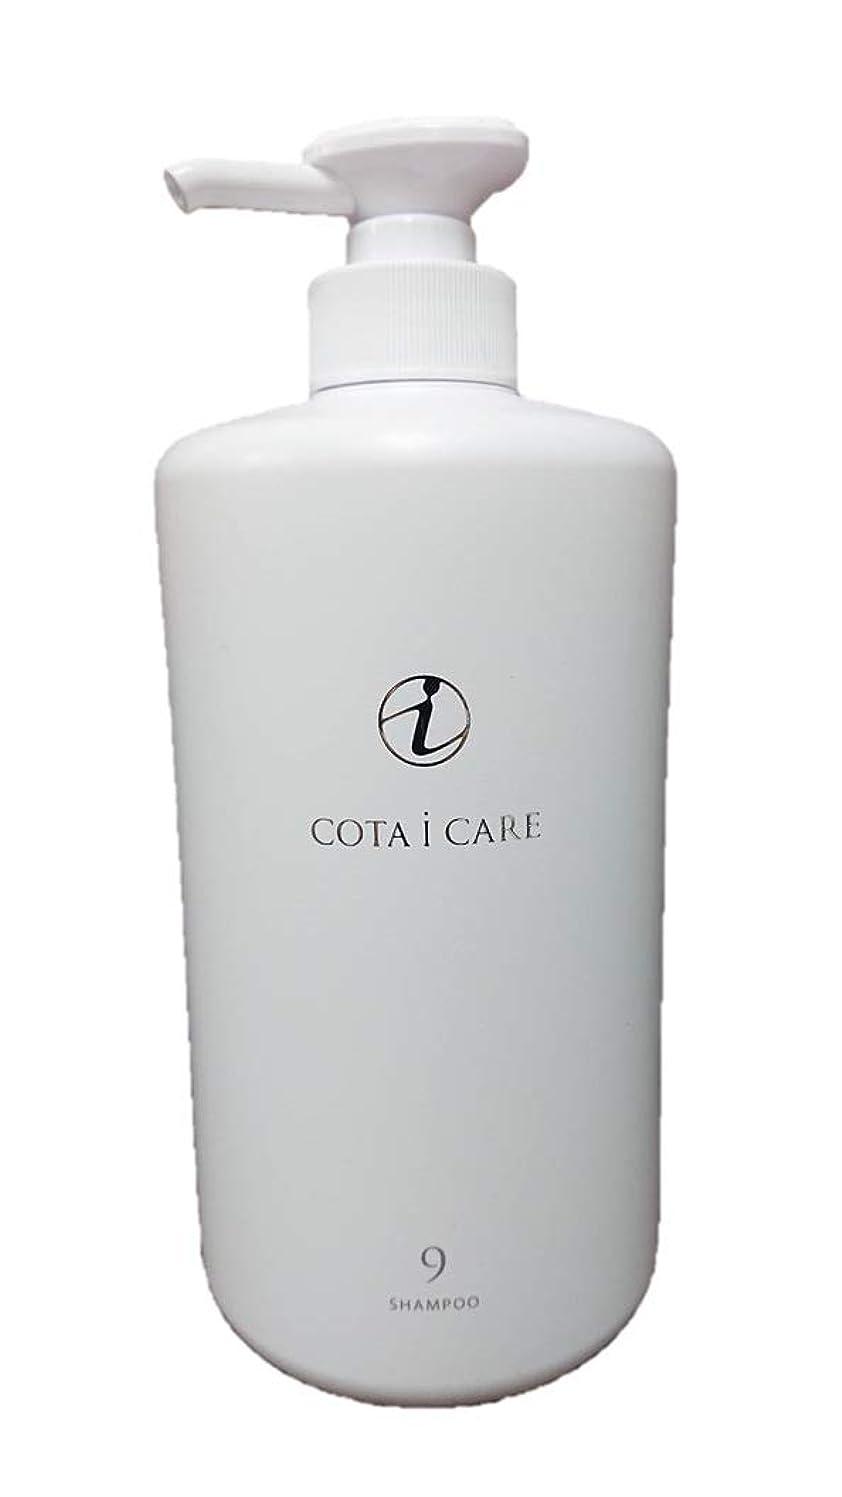 タンザニア軽検出COTA i CARE コタ アイ ケア シャンプー 9 本体 800ml ダマスクローズブーケの香り